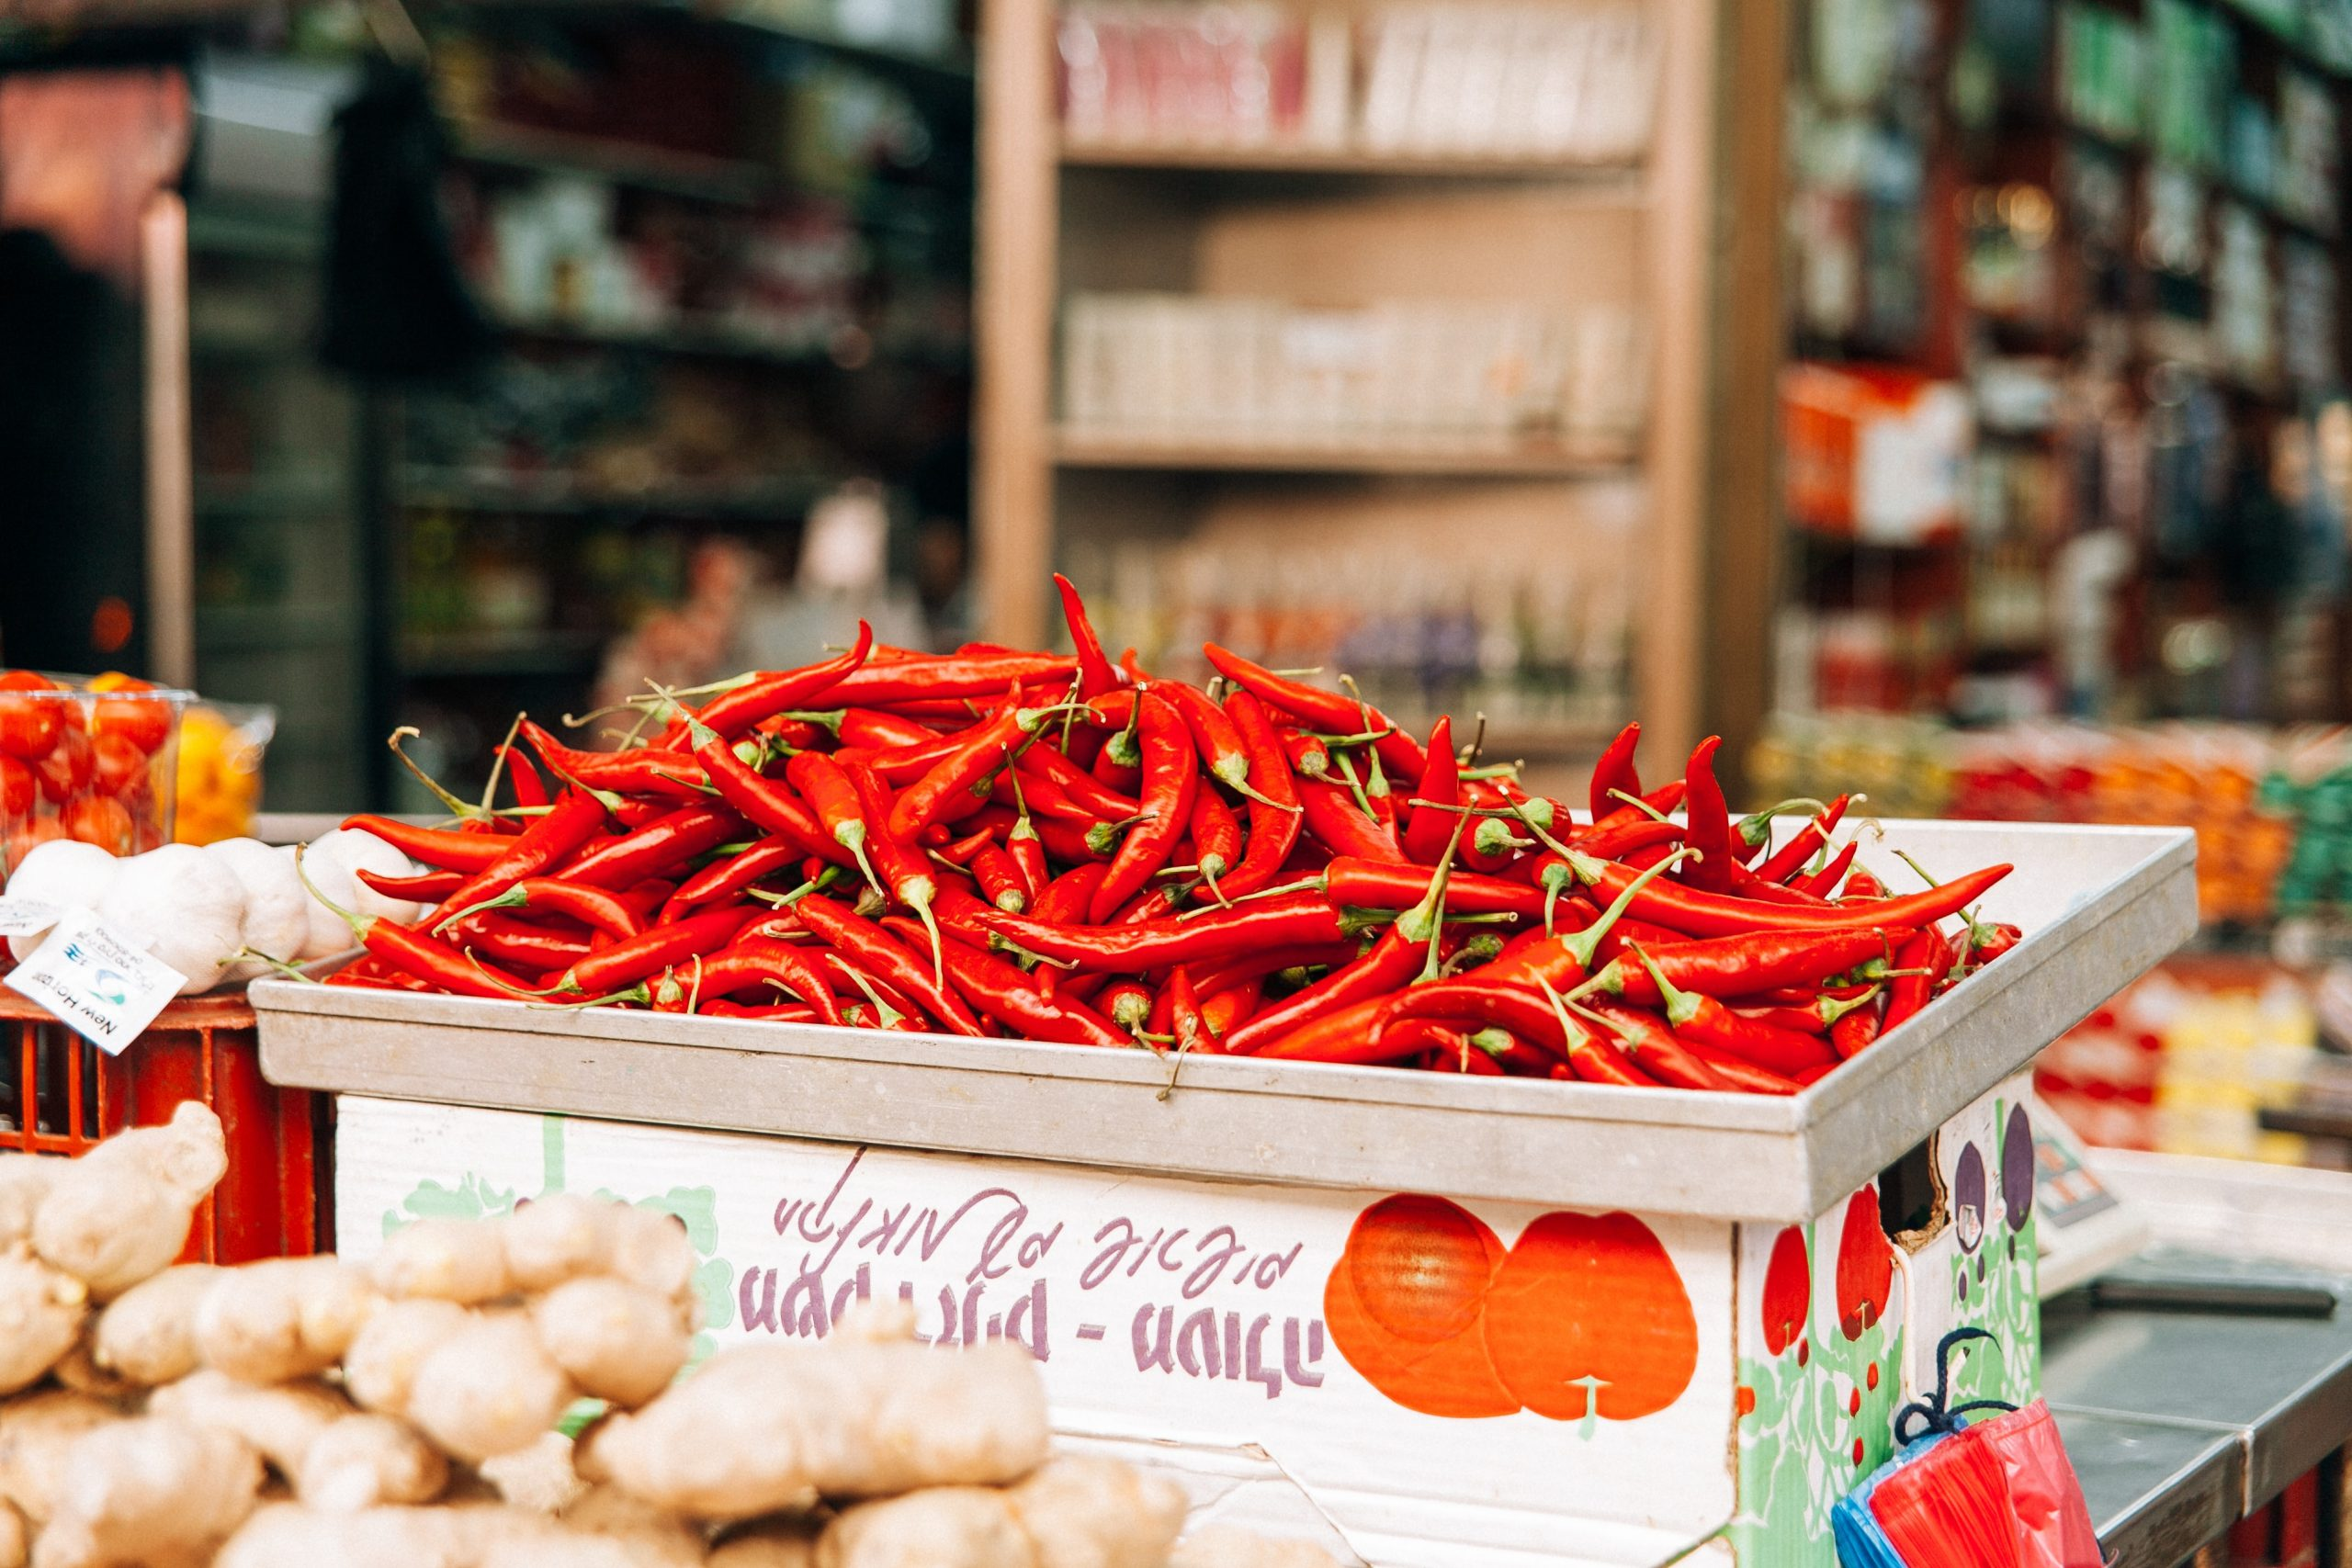 El chile habanero rojo es una de las guindillas más picantes del mundo